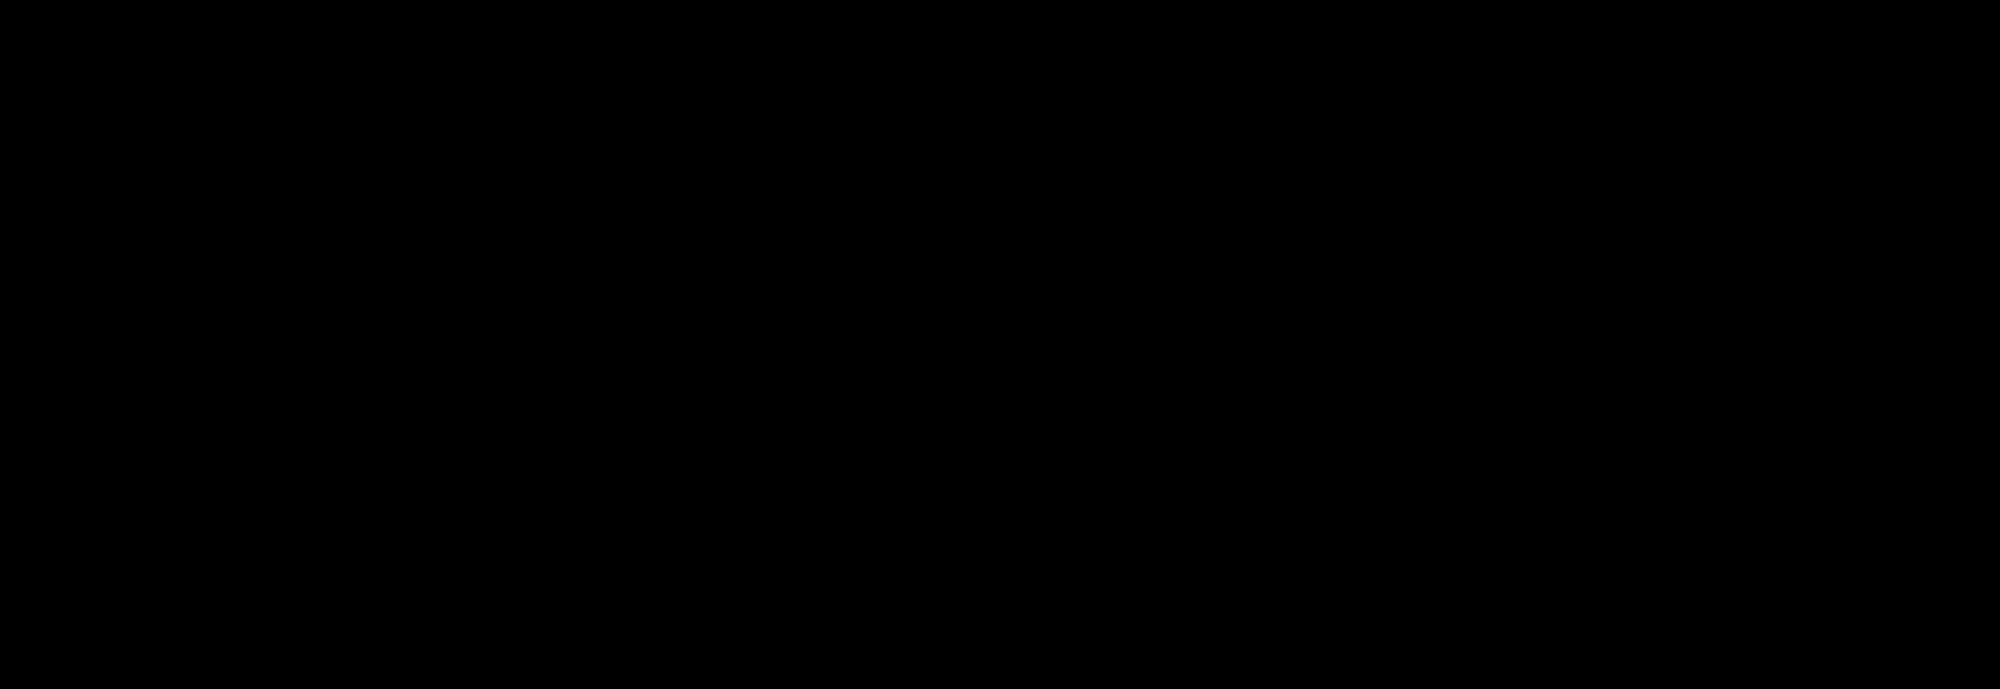 Jack Herer Logo Cannabis Original